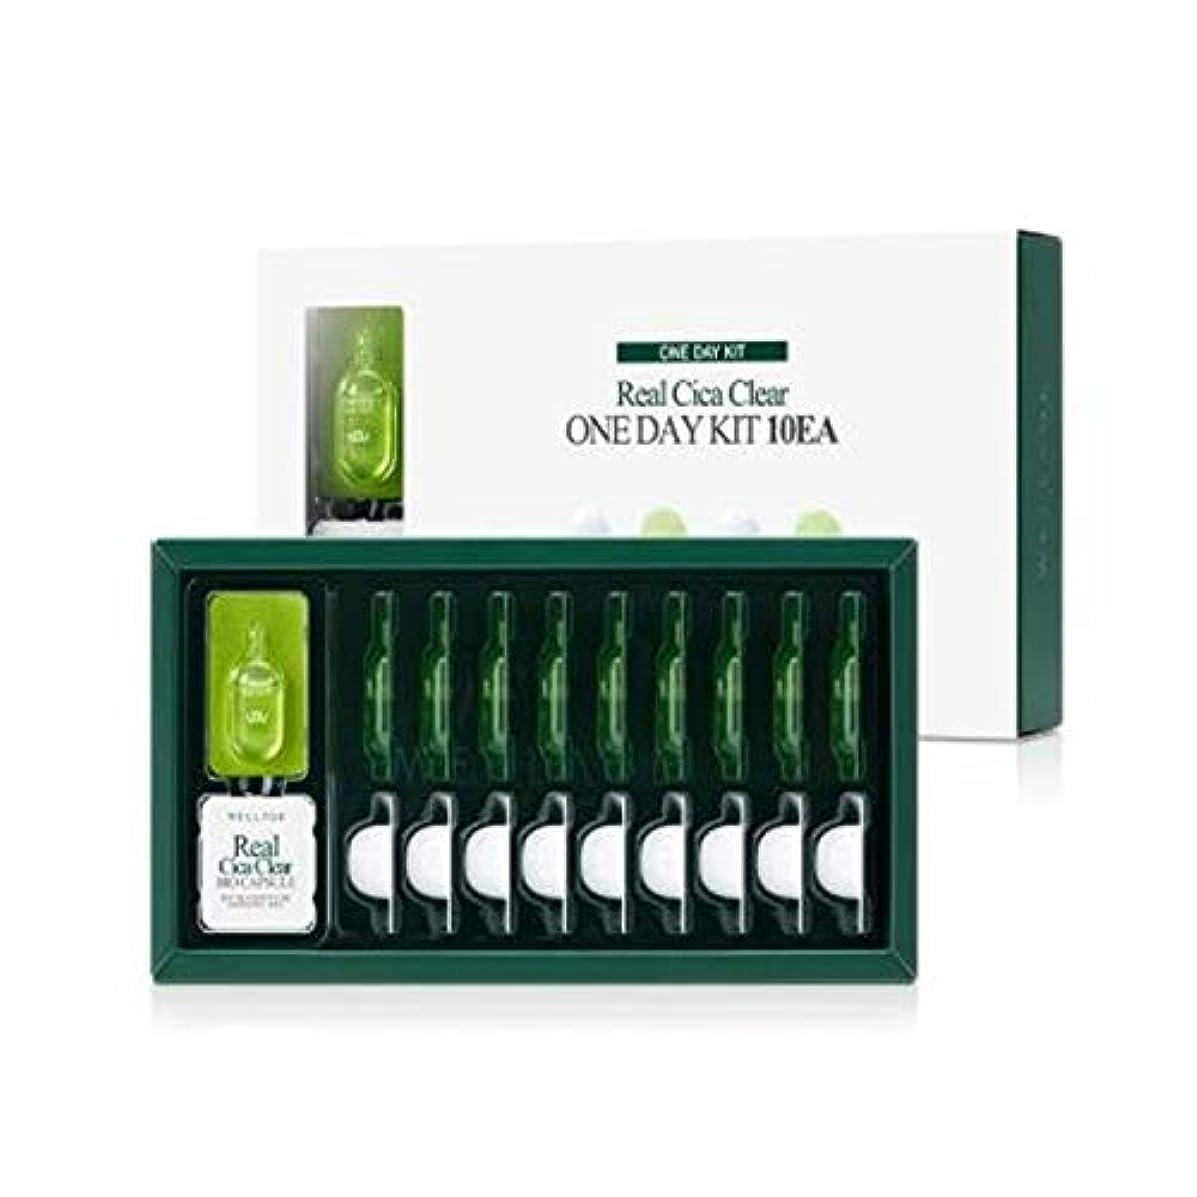 ピアース書道時代WELLAGE(ウェラージュ) リアルシカクリアワンデイキット 10EA / Real Cica Clear One Day Kit